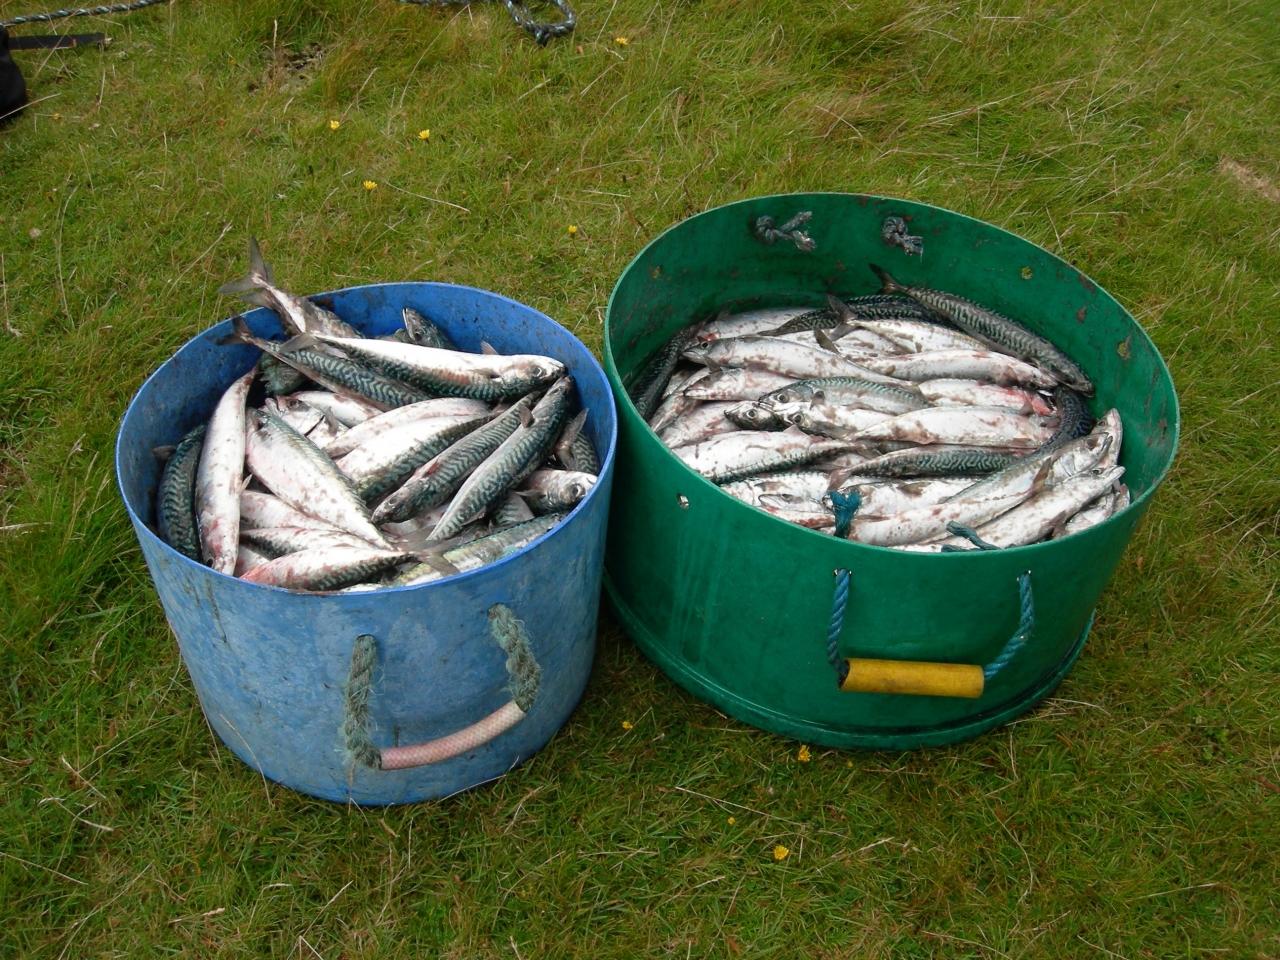 Catching Mackerel.